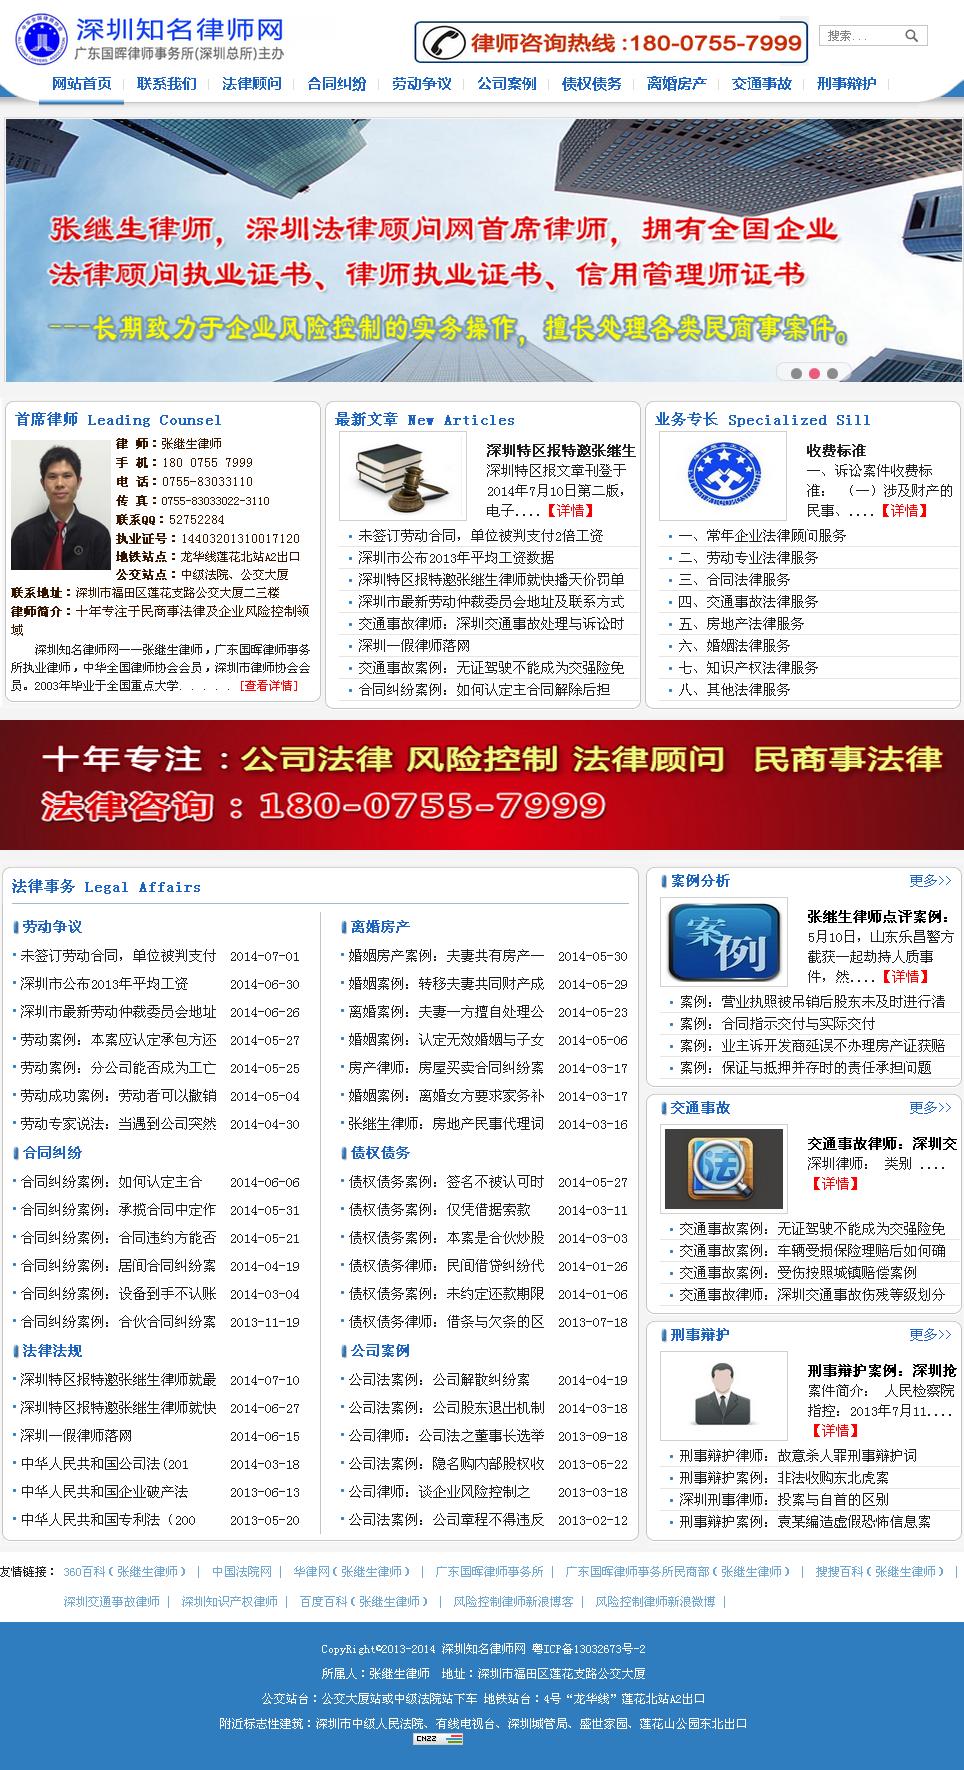 深圳知名律师网